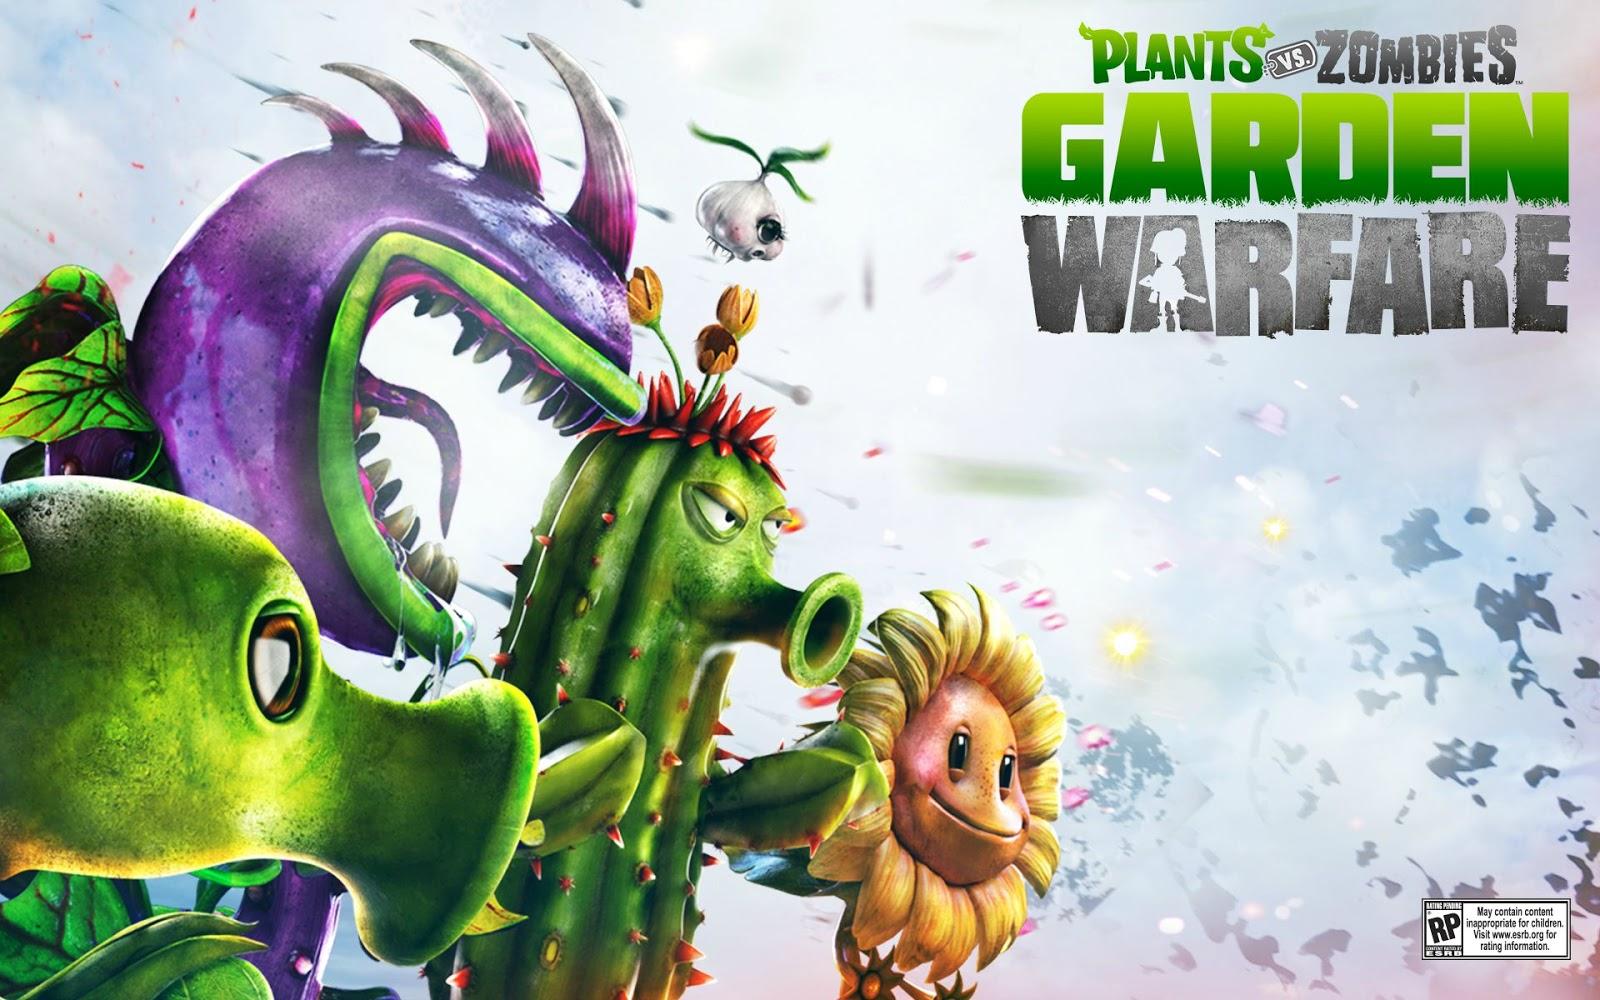 Plants Vs Zombies Garden Warfare Wallpaper 48564 1600x1000px